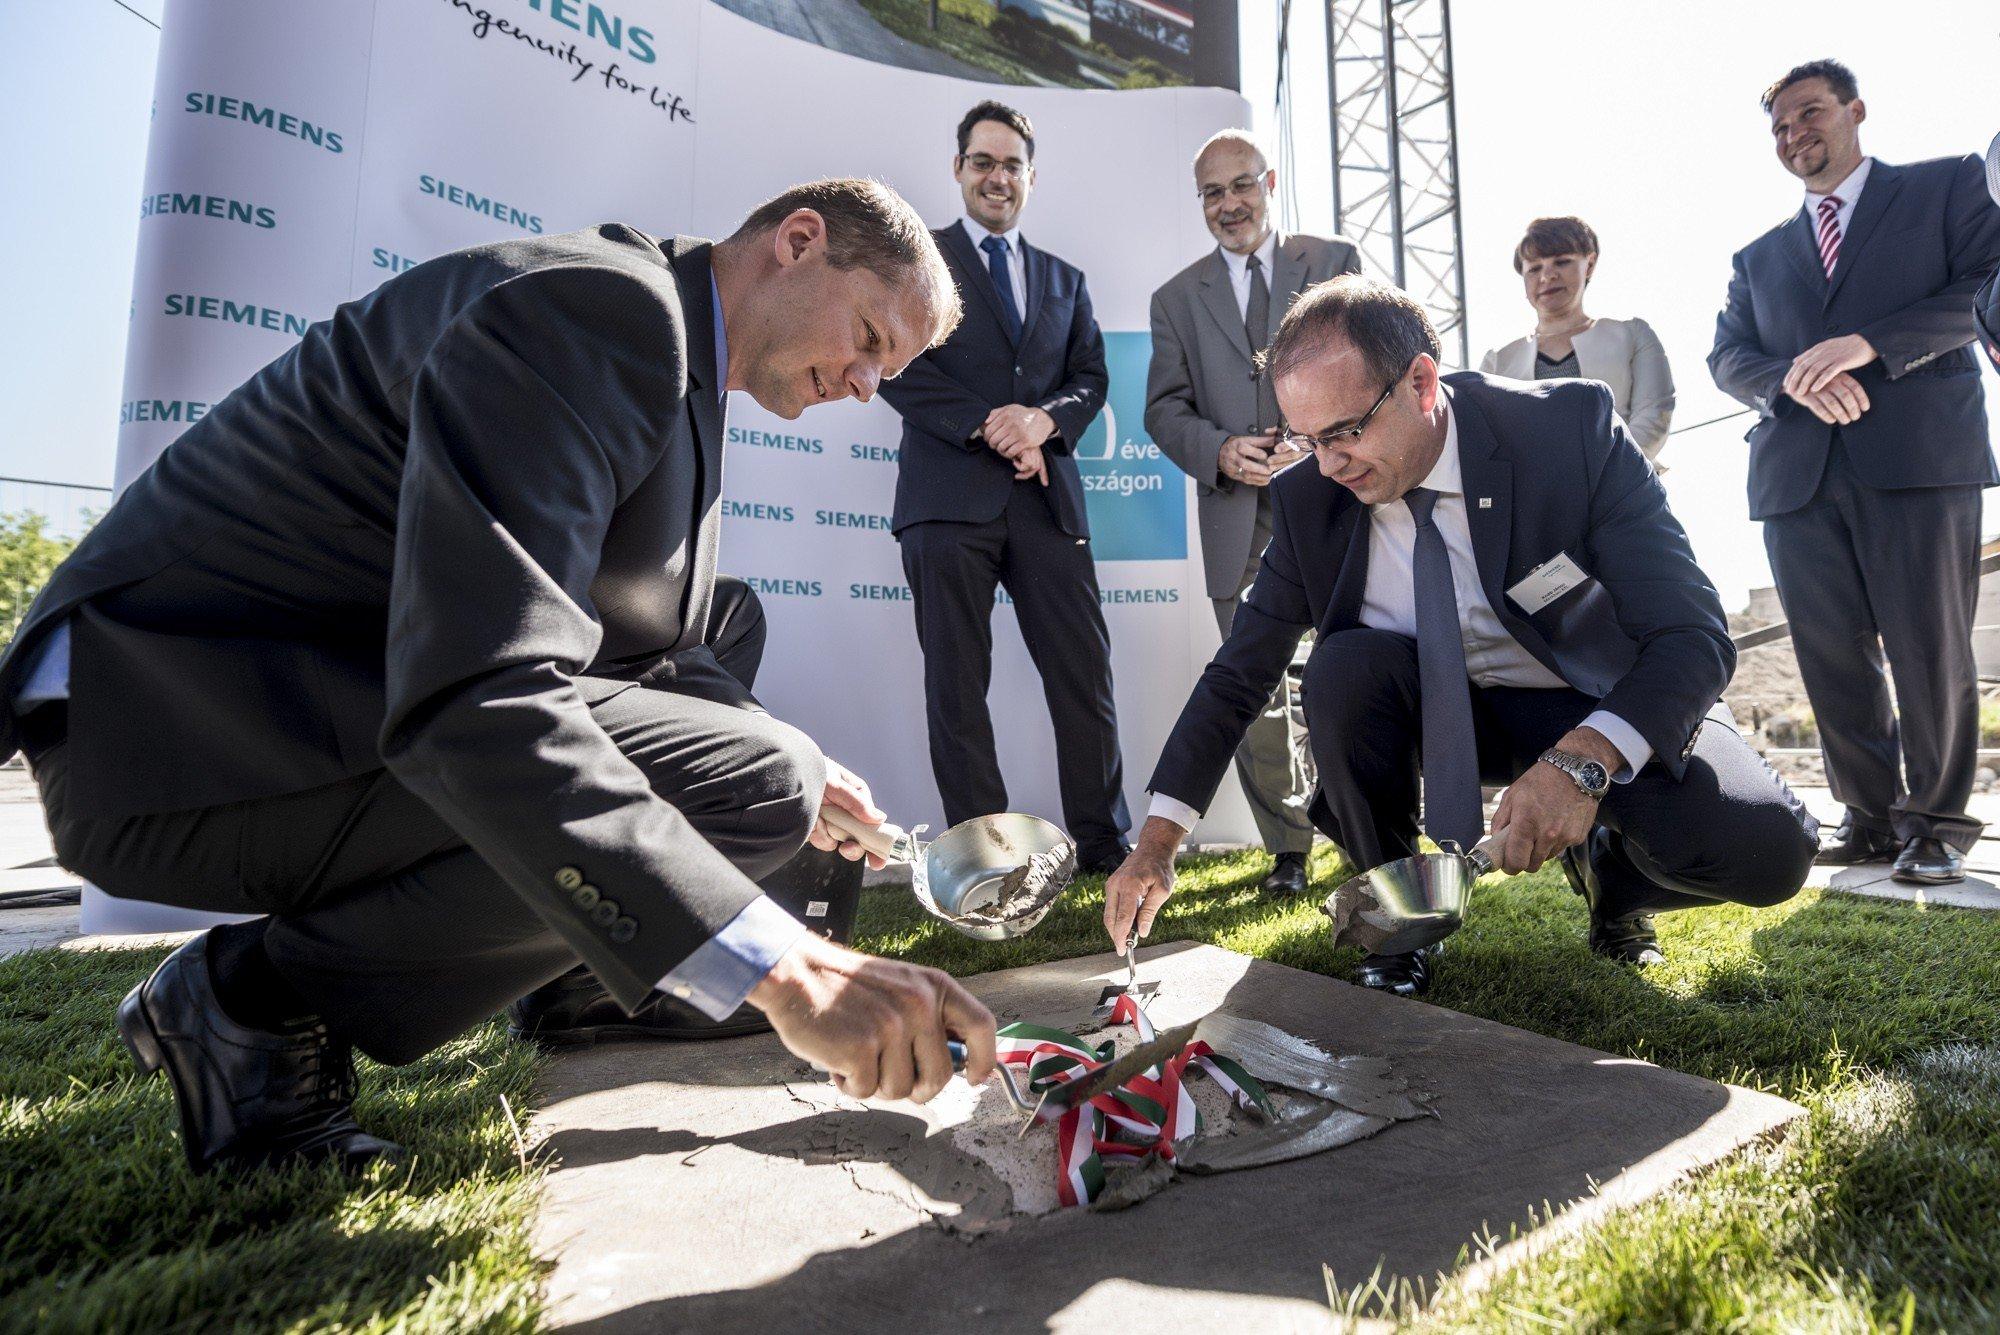 Tízmilliárdos beruházást kivitelez a kiskunhalasi Merkbau a Siemensnek